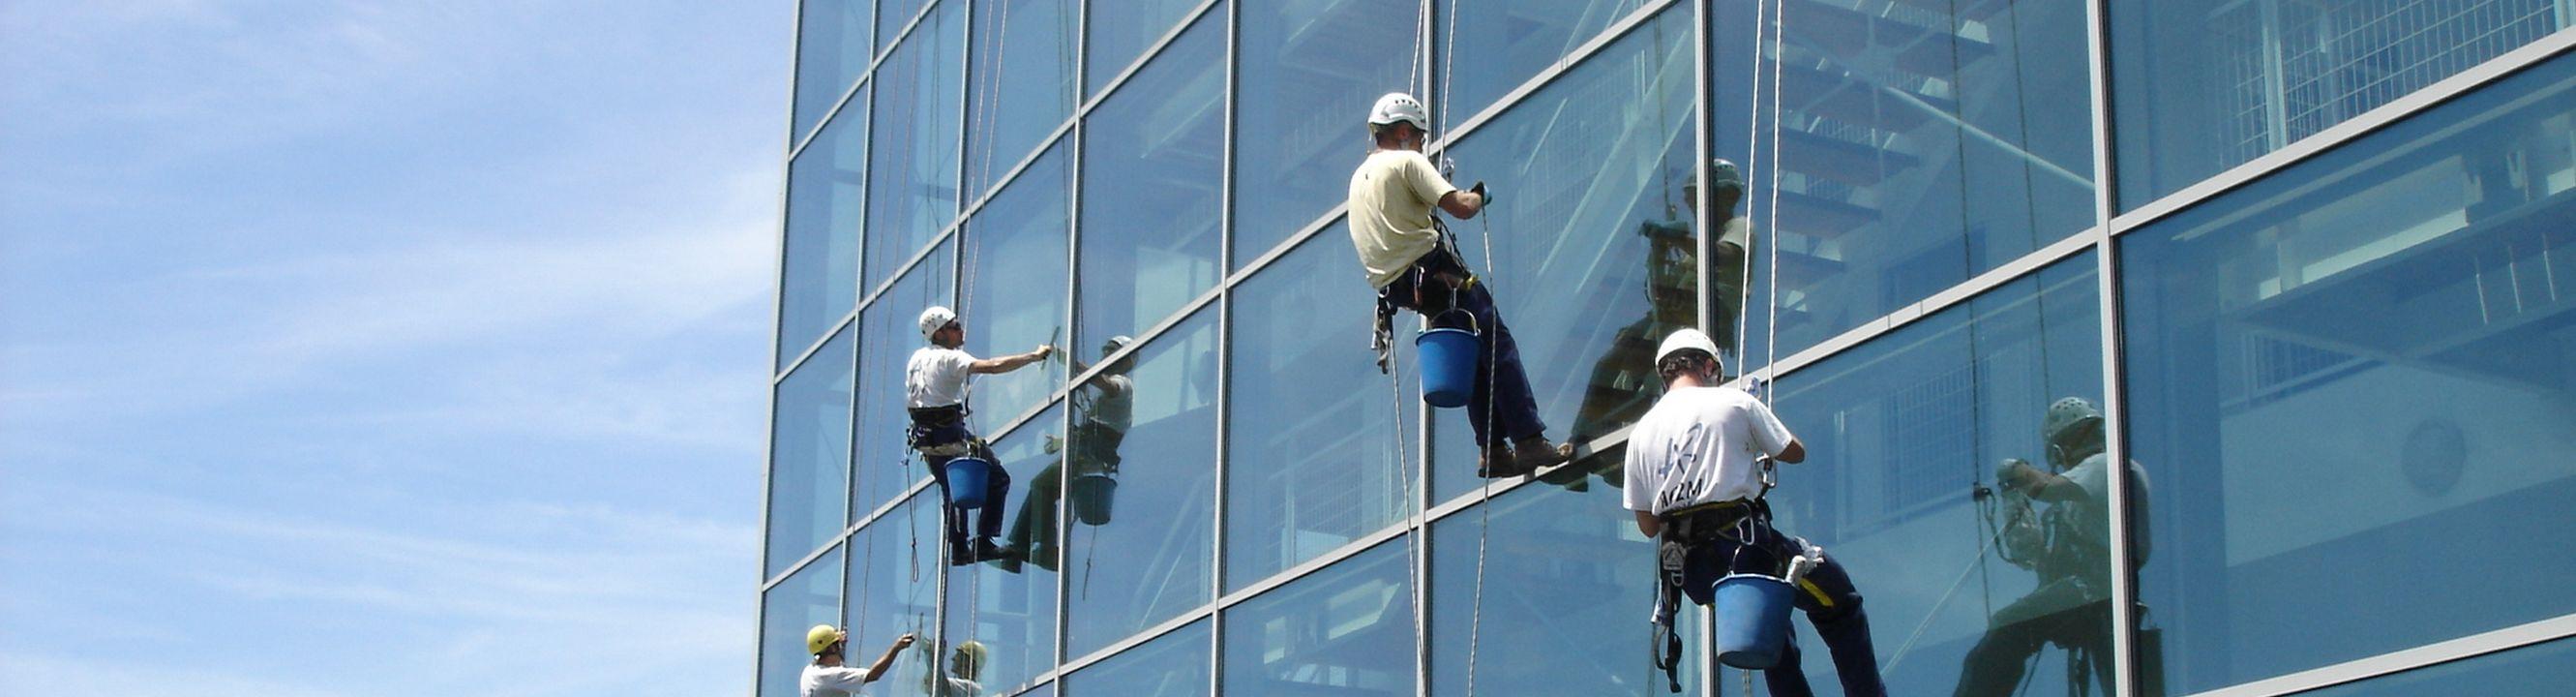 urbain laveur de vitre 06 technicien cordiste